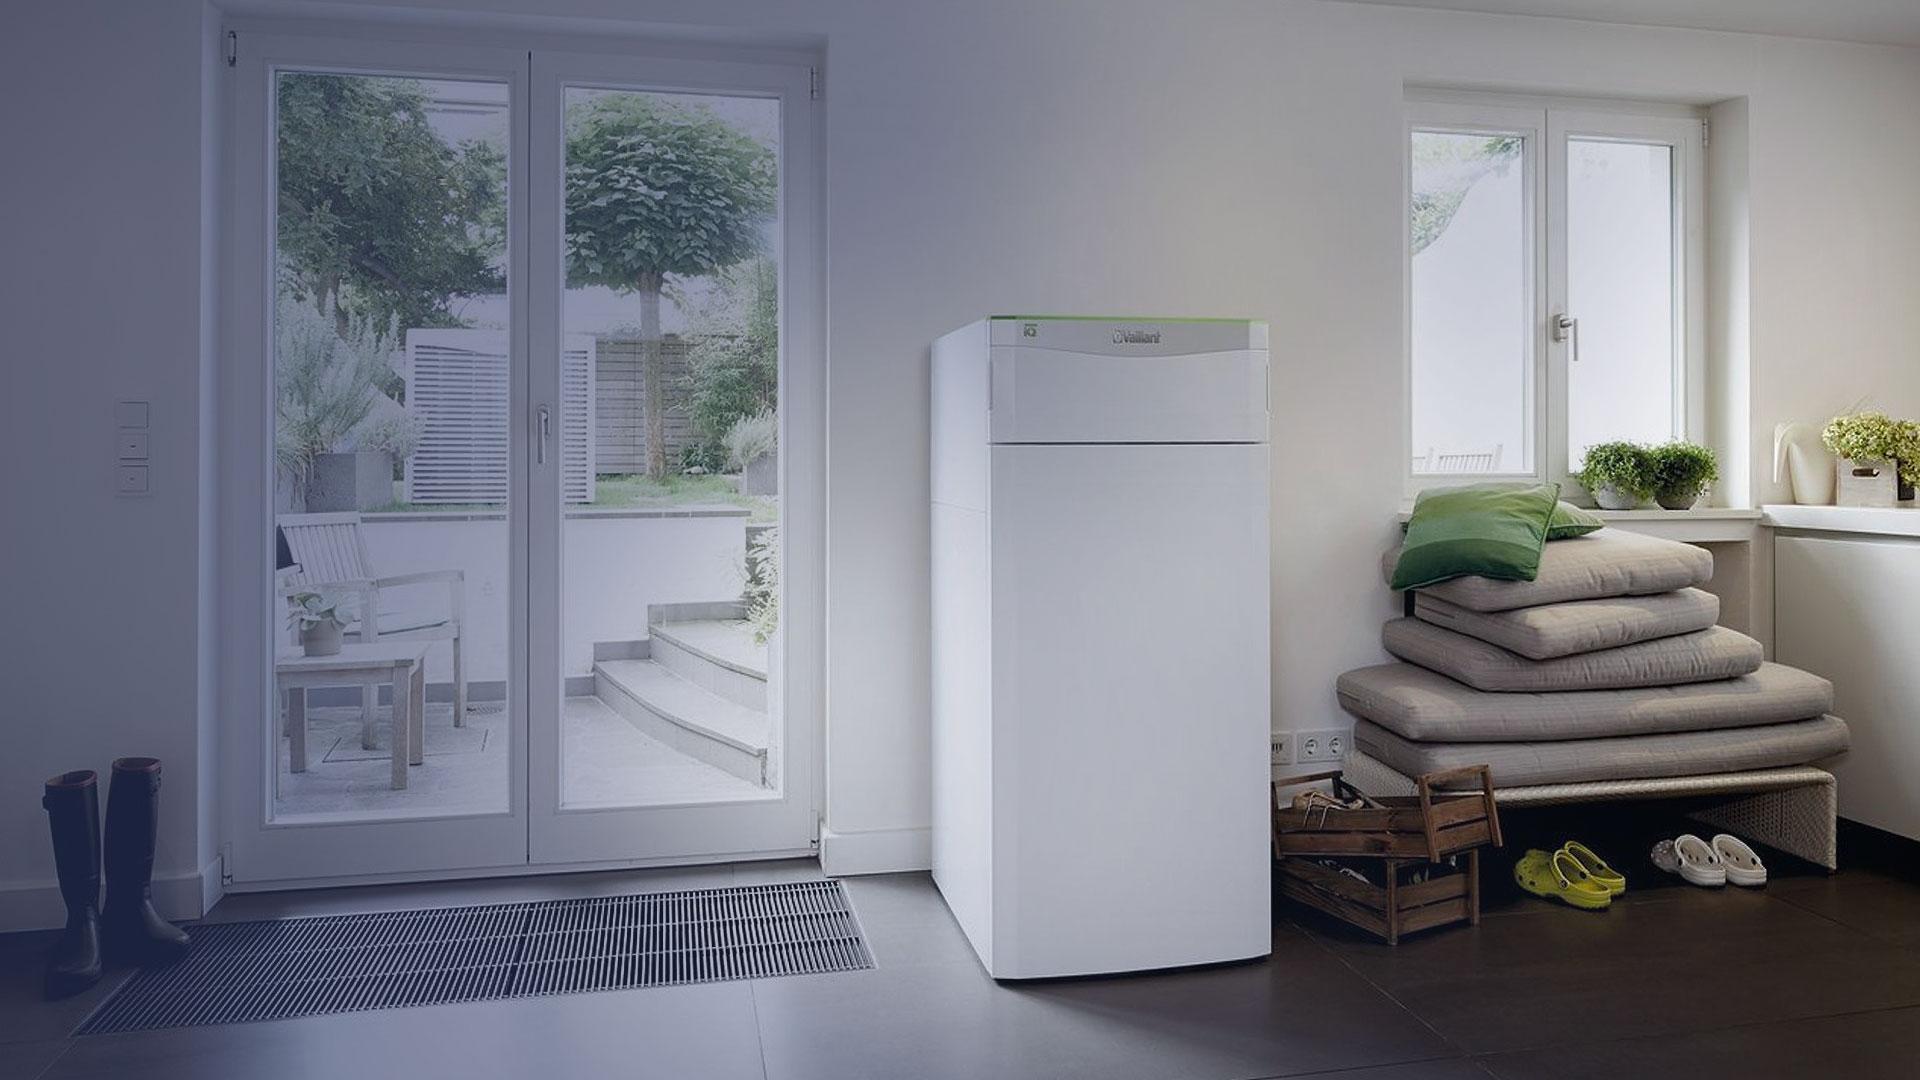 Instalacije<br>za topel in <br>varčen dom